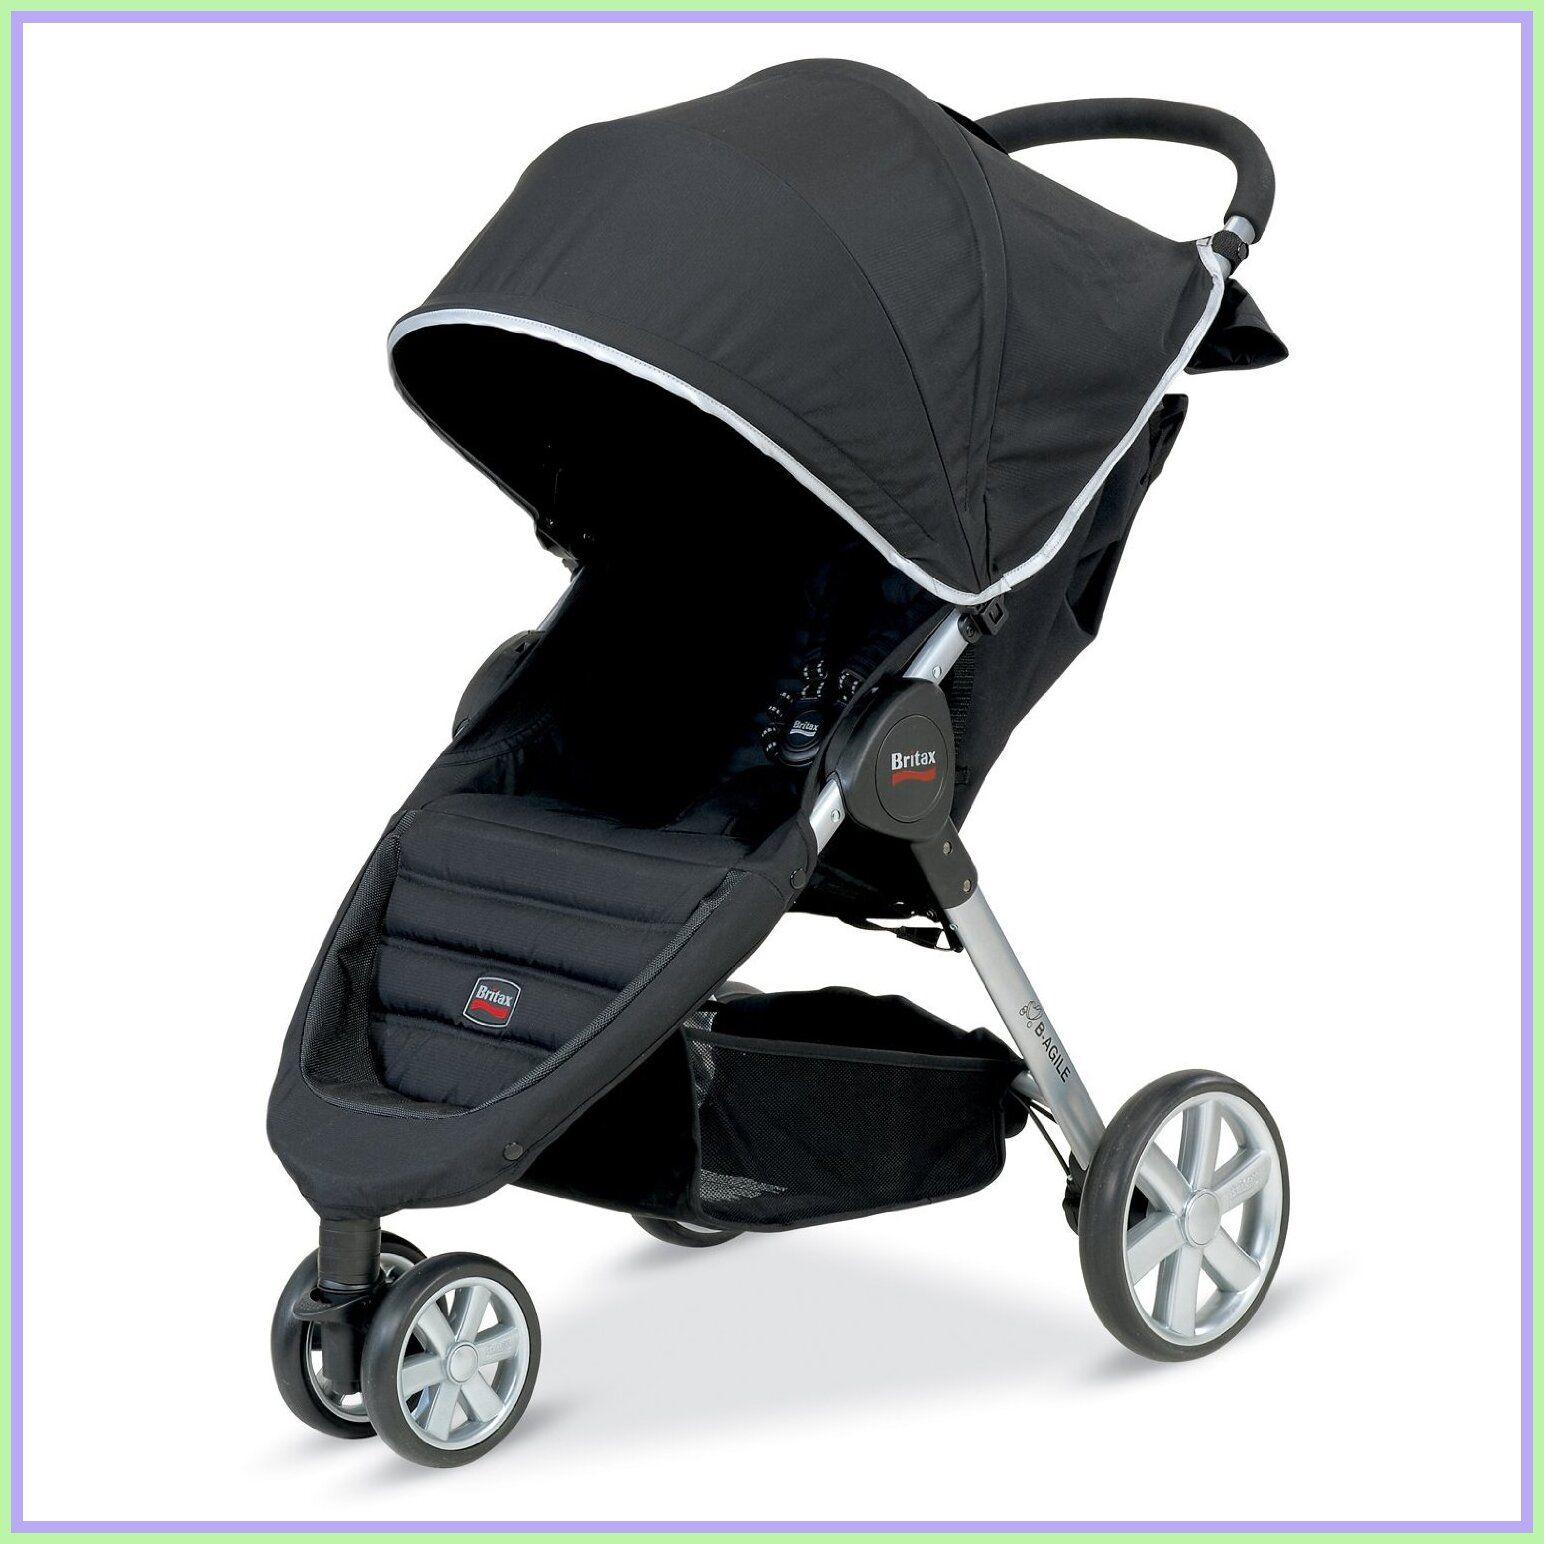 114 Reference Of Infant Car Seat And Stroller Frame In 2020 Jogging Stroller Travel System Britax Stroller Stroller